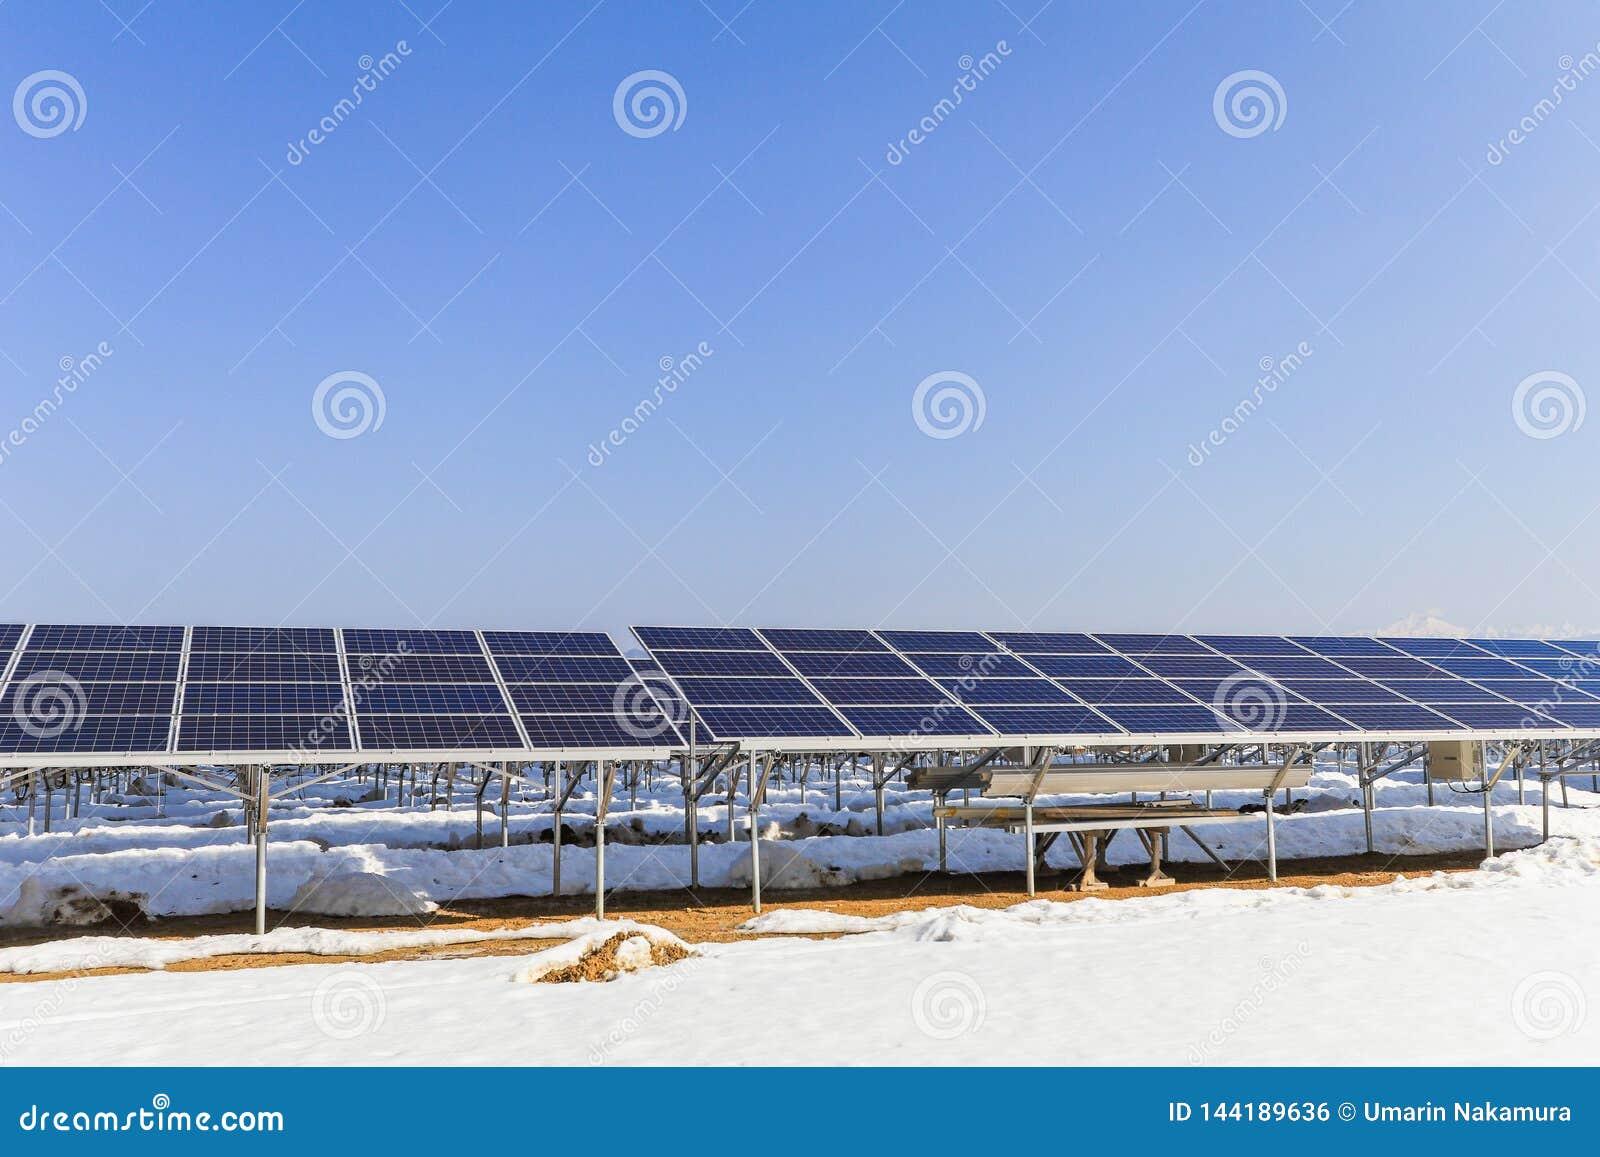 Solarenergiegremien, photo-voltaische Module für Innovation grünen Energie für das Leben mit Hintergrund des blauen Himmels